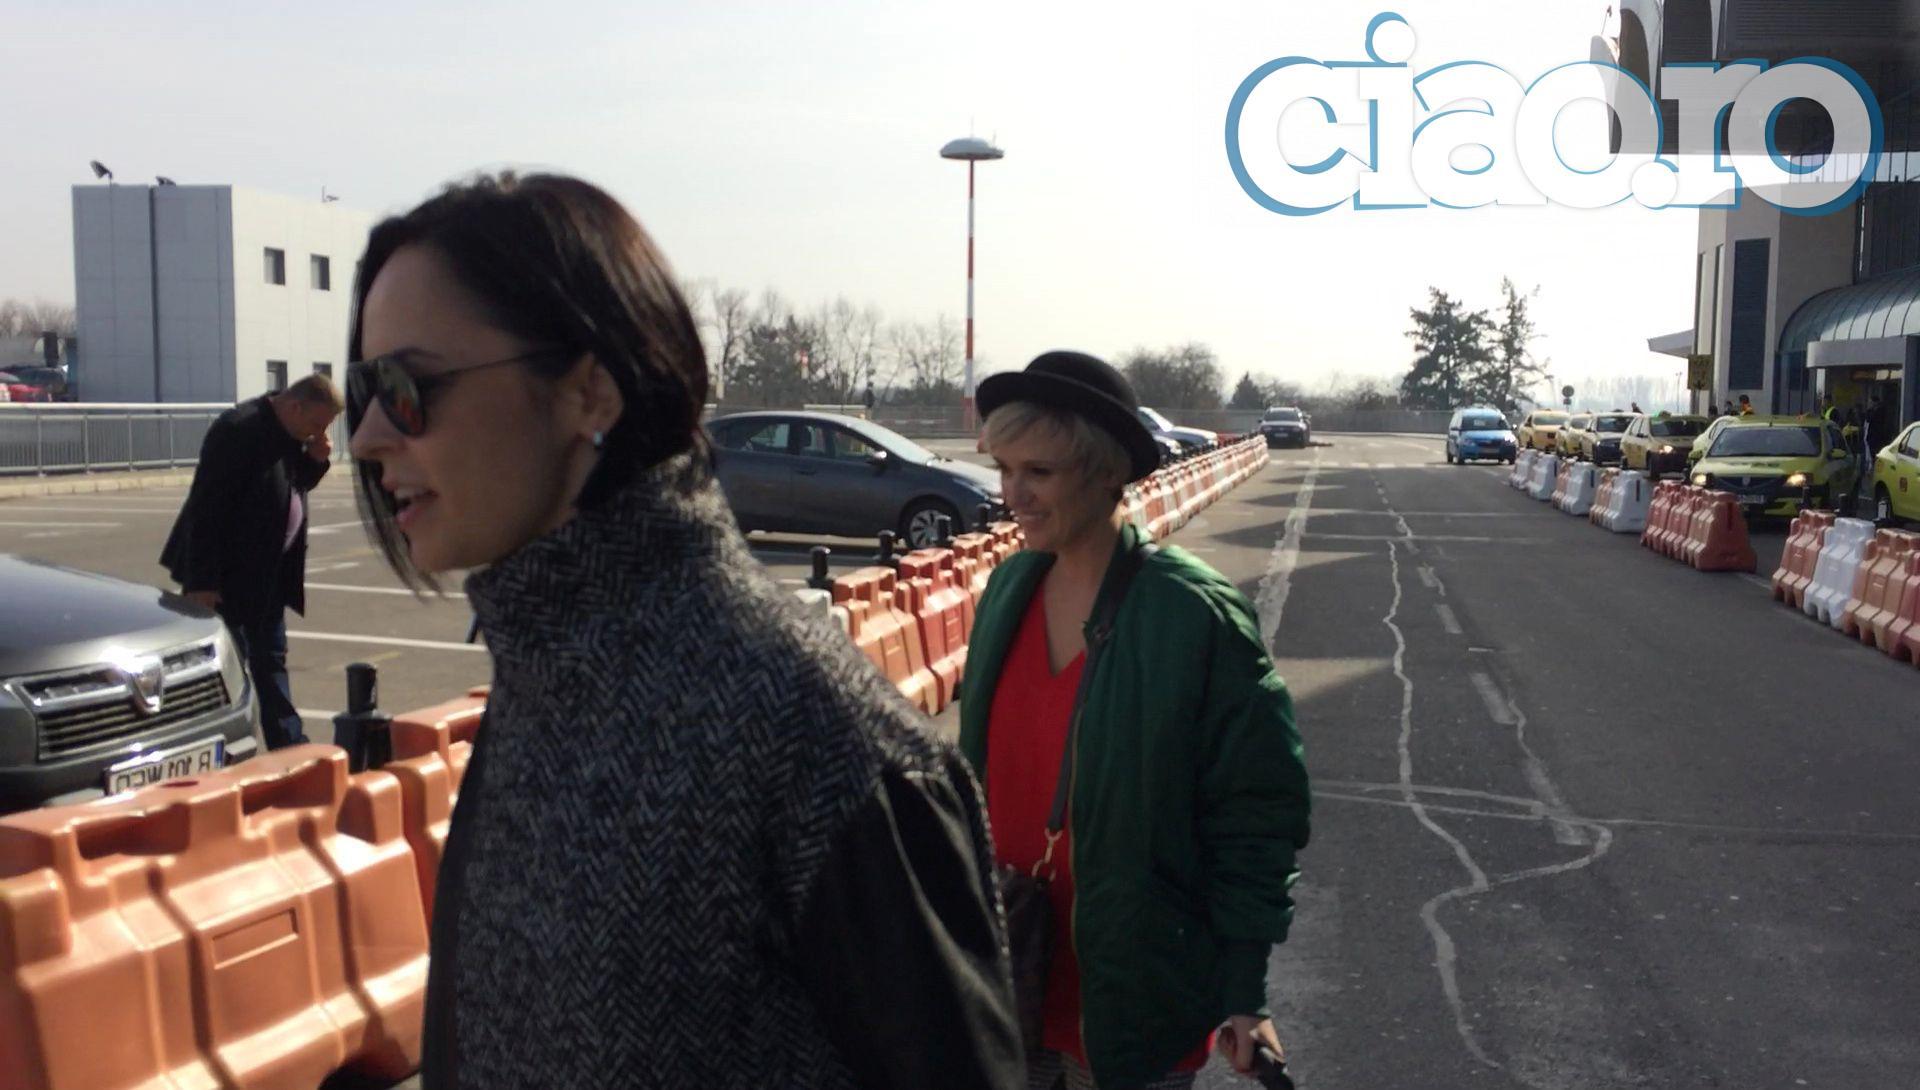 Andreea Marin si Carmen Negoita au plecat impreuna de la aeroport